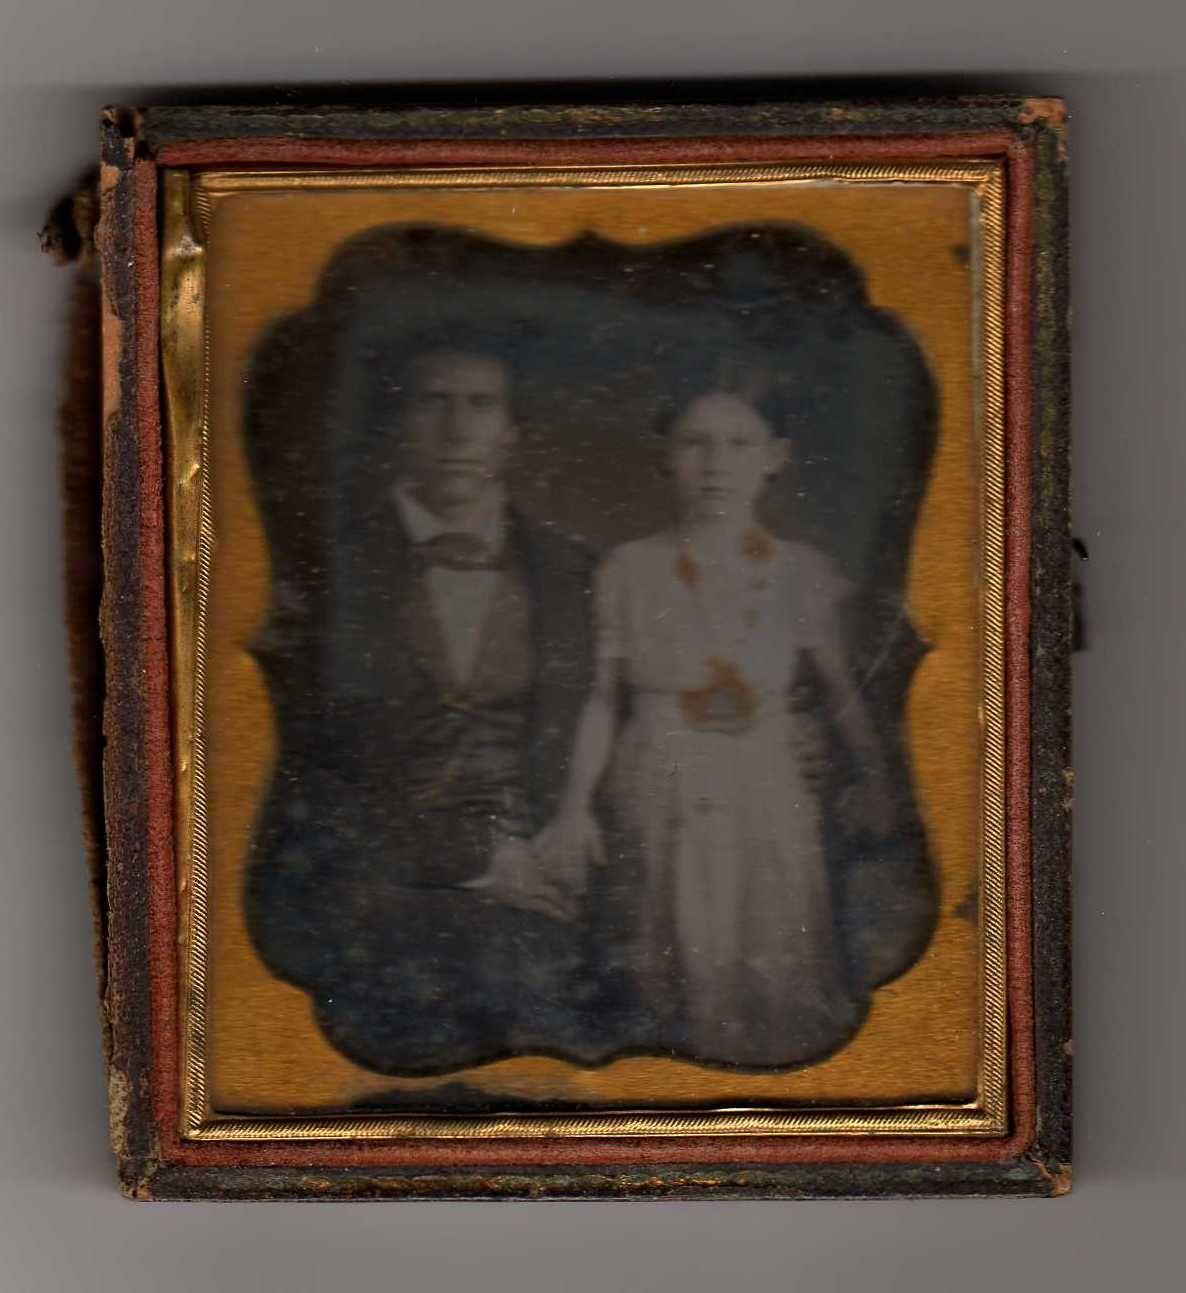 Nat Cheairs and daughter, Jenny